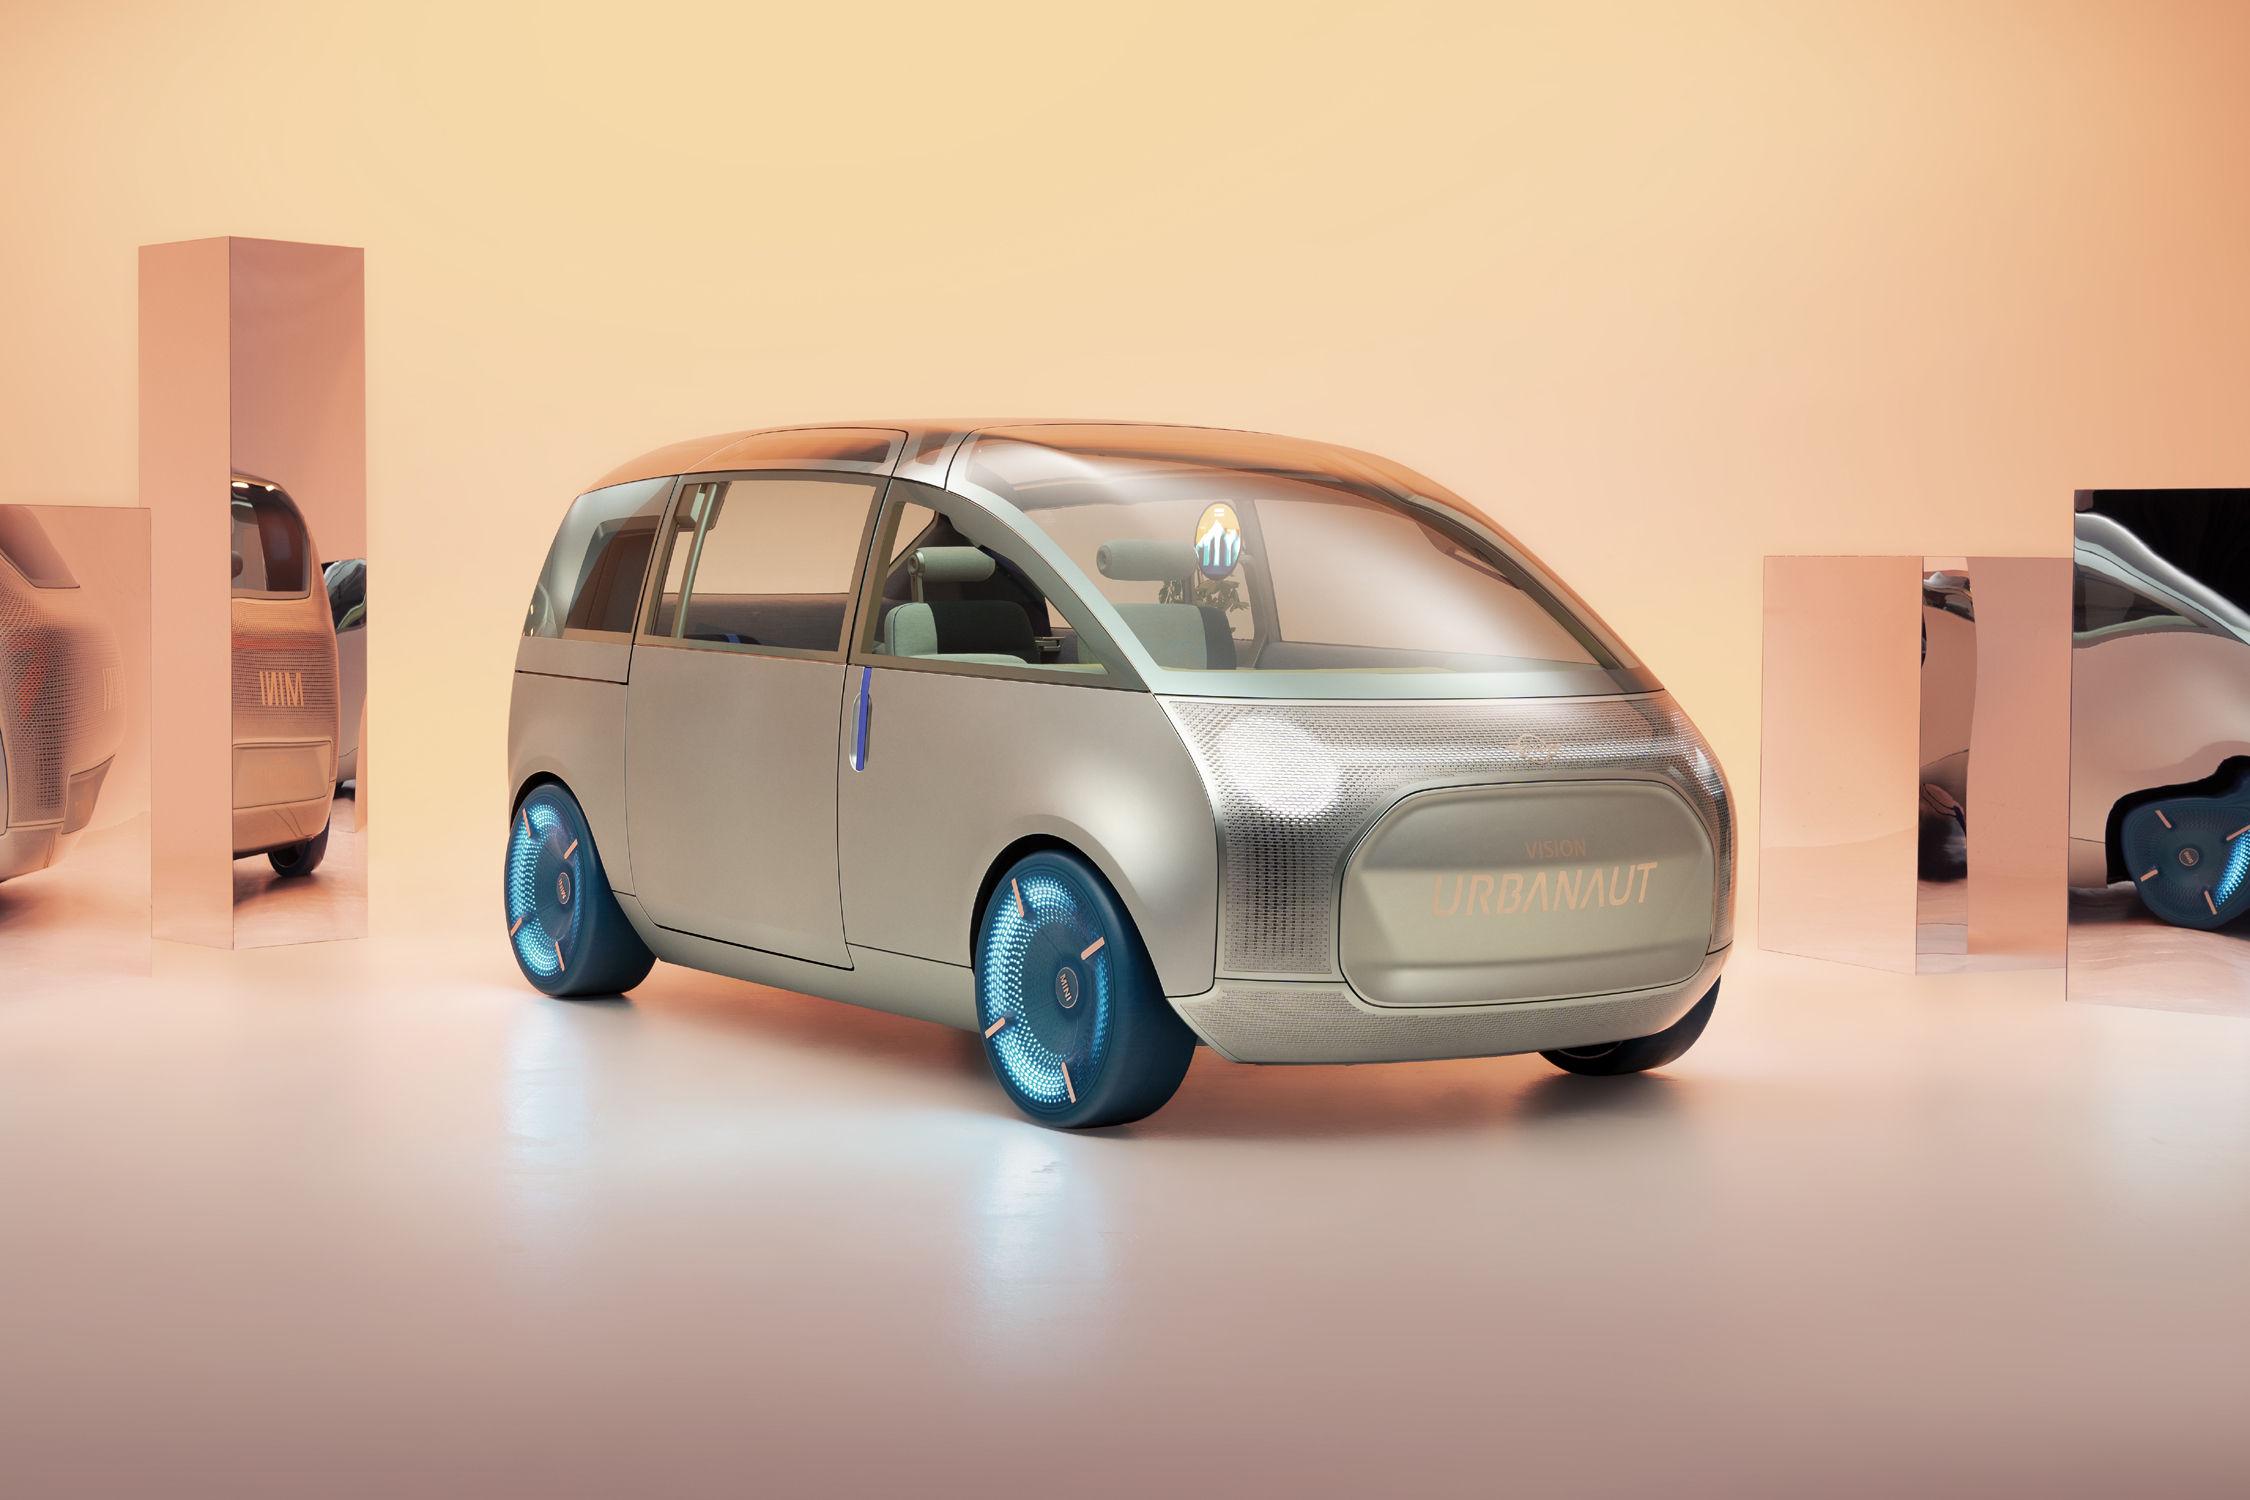 Le concept MINI Vision Urbanaut prend vie - actualité automobile - Motorlegend